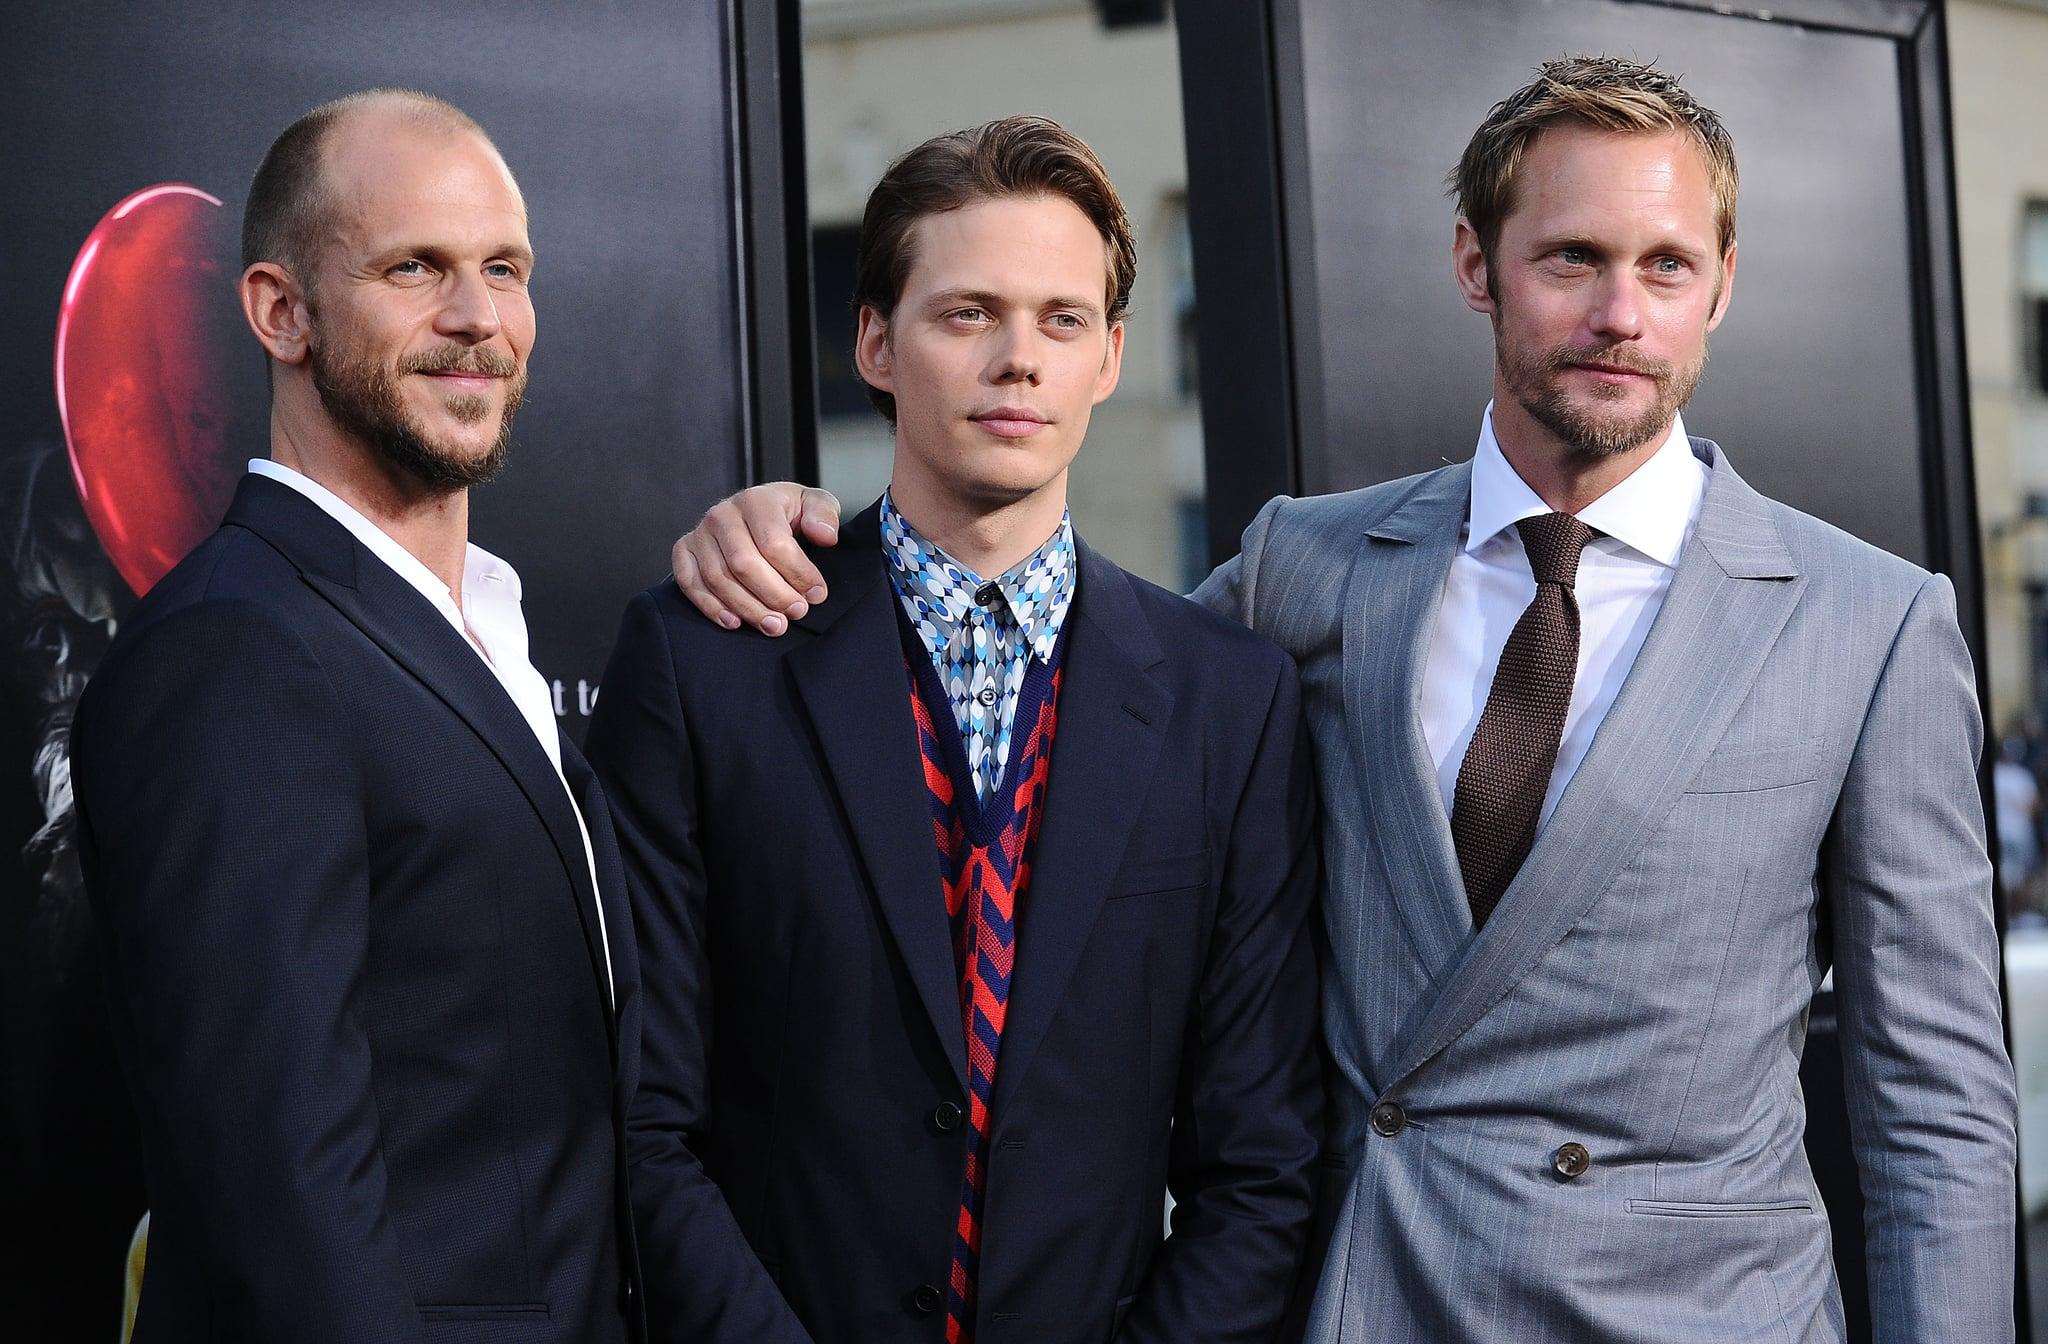 HOLLYWOOD, CA - SEPTEMBER 05:  (L-R) Actors Gustaf Skarsgard, Bill Skarsgard and Alexander Skarsgard attend the premiere of